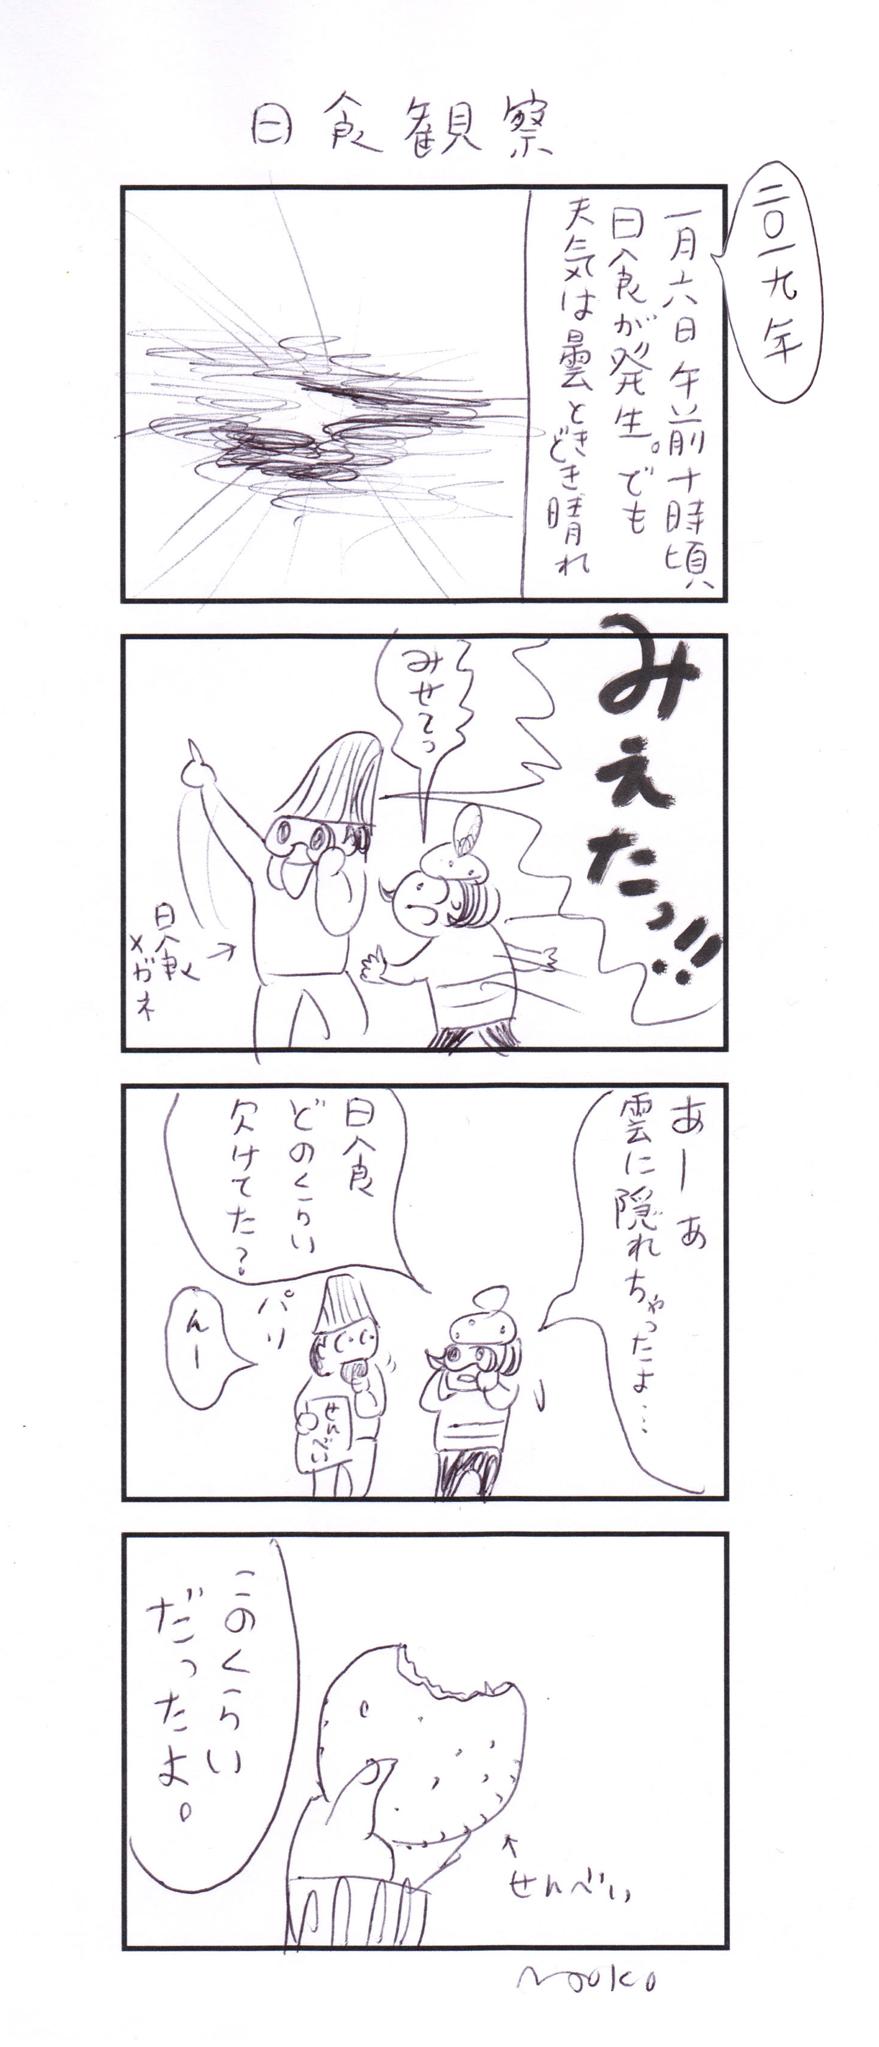 日食 絵・岩本陽子さん